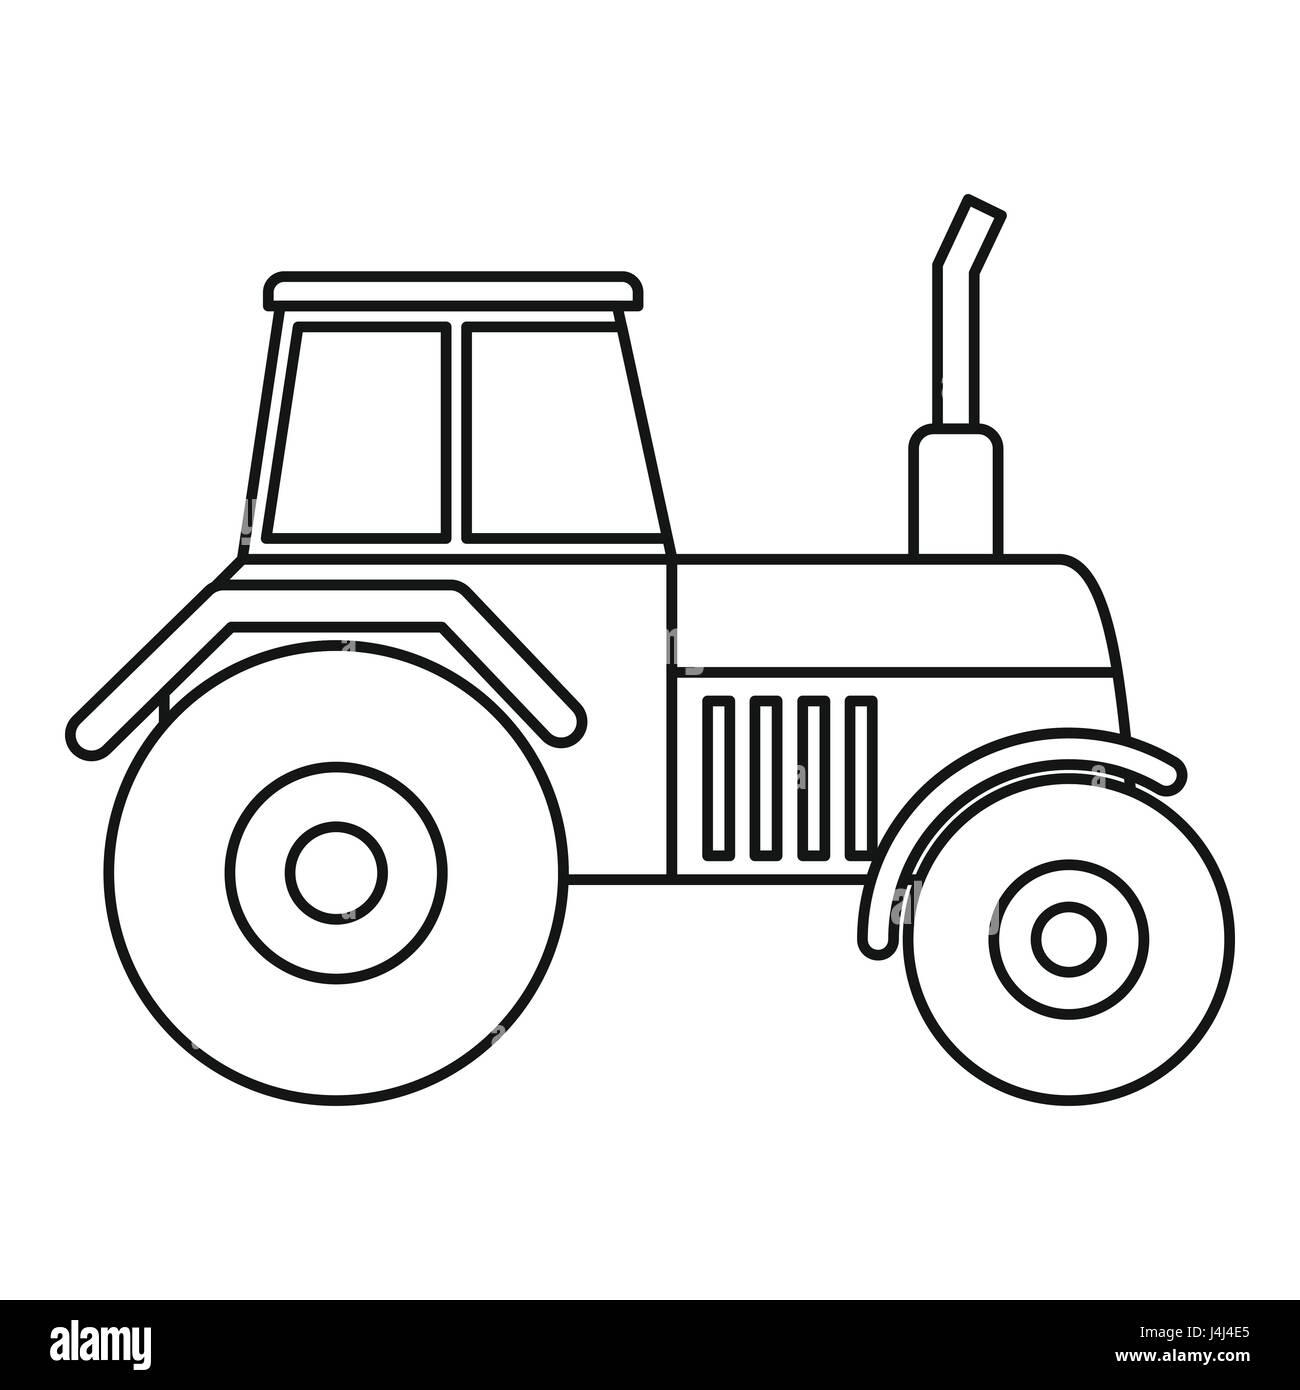 traktorsymbol umrissstil vektor abbildung  bild